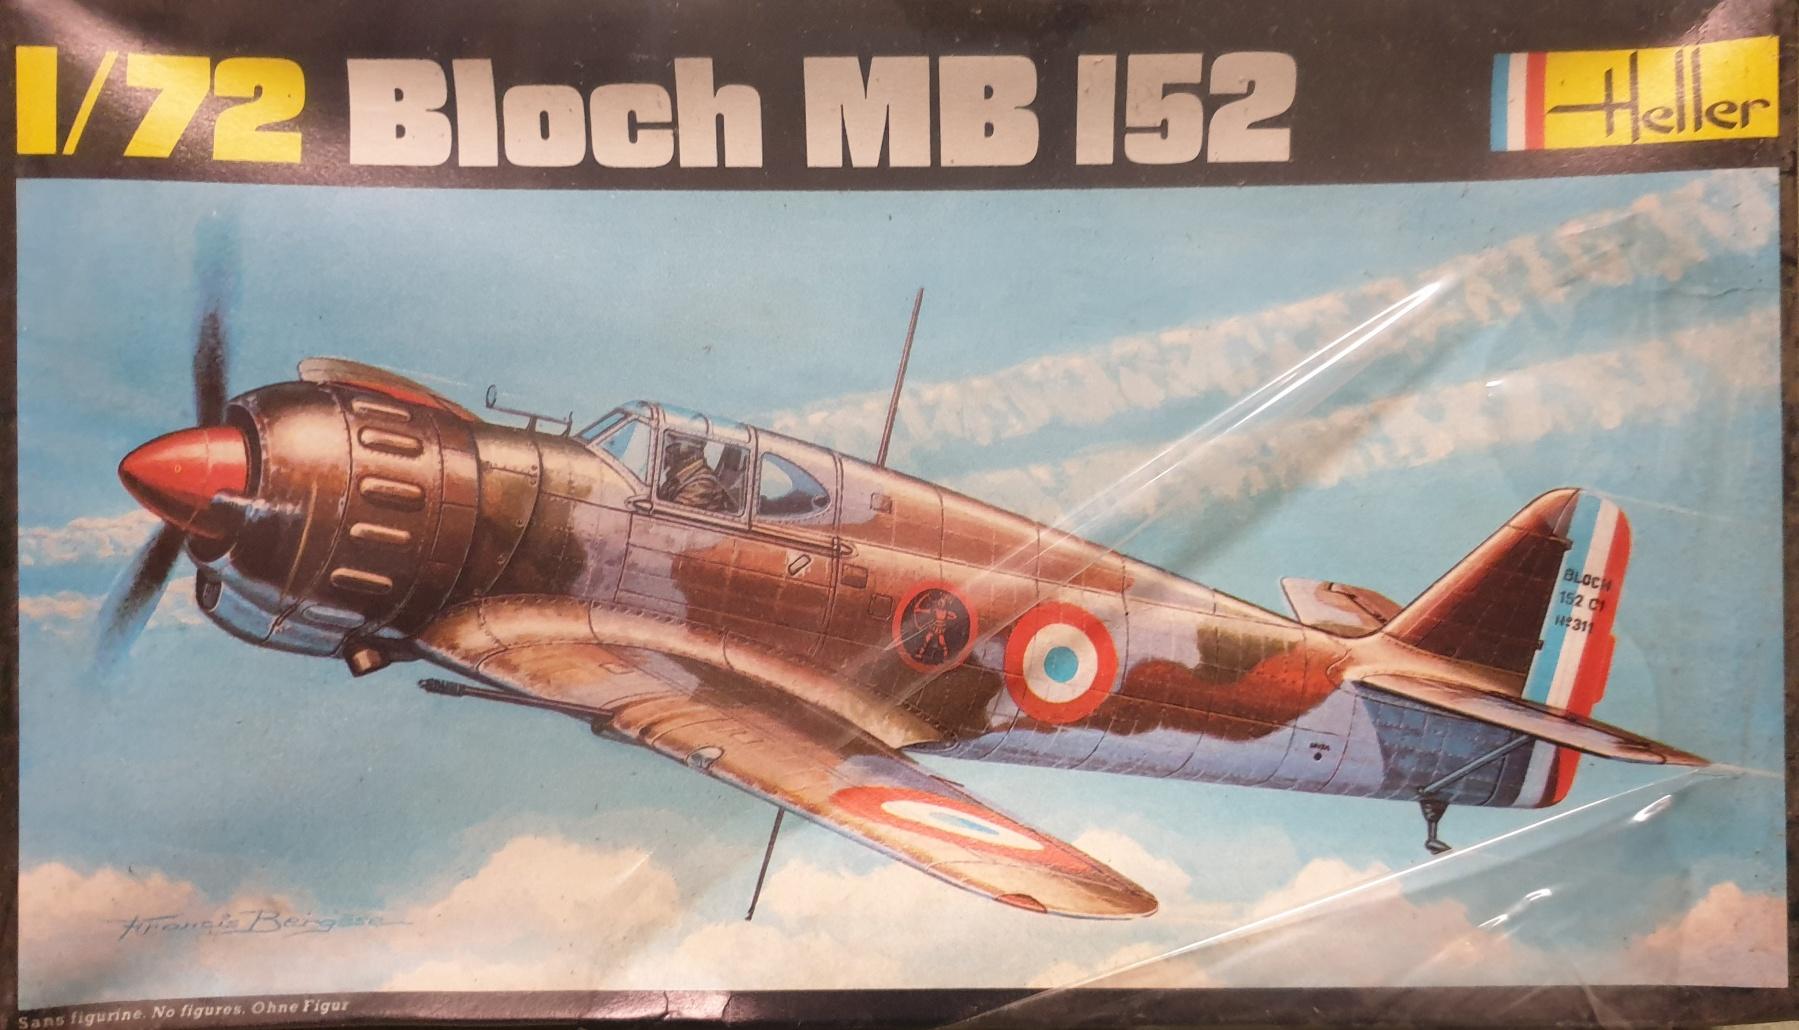 2 Heller 211 Bloch MB 152